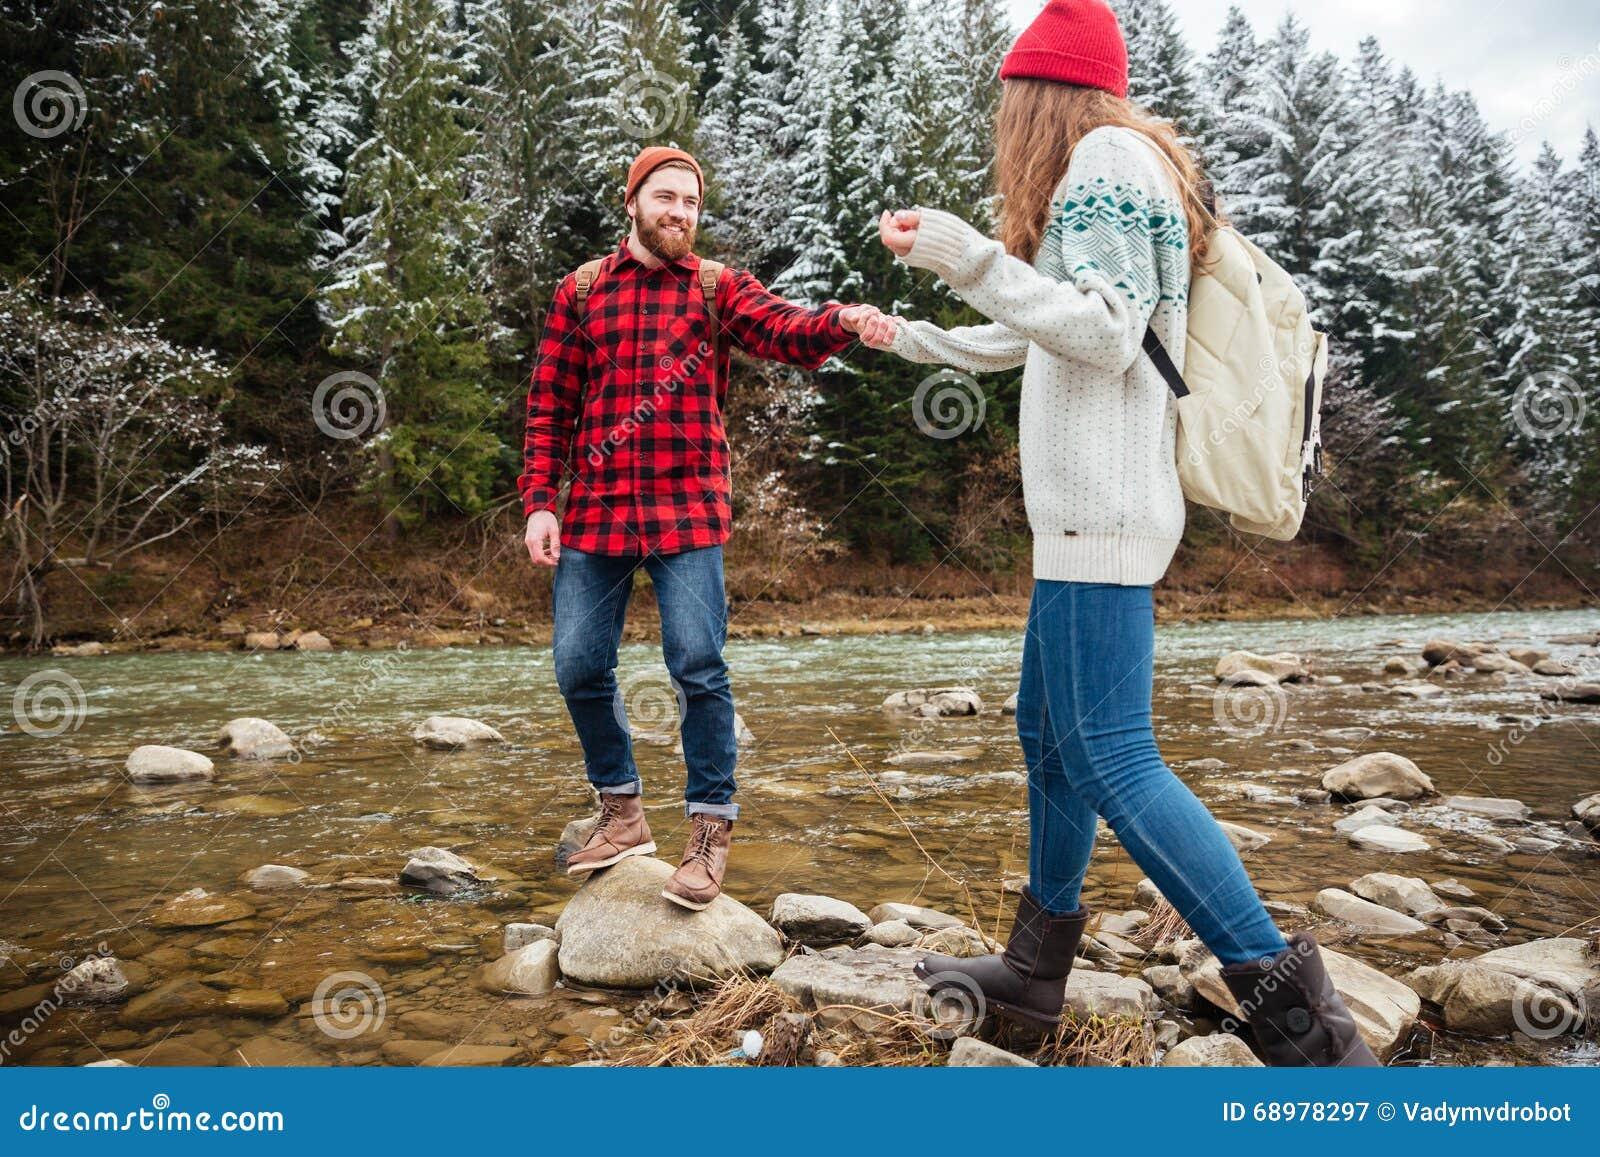 Sirva a la mujer de ayuda para caminar en las rocas